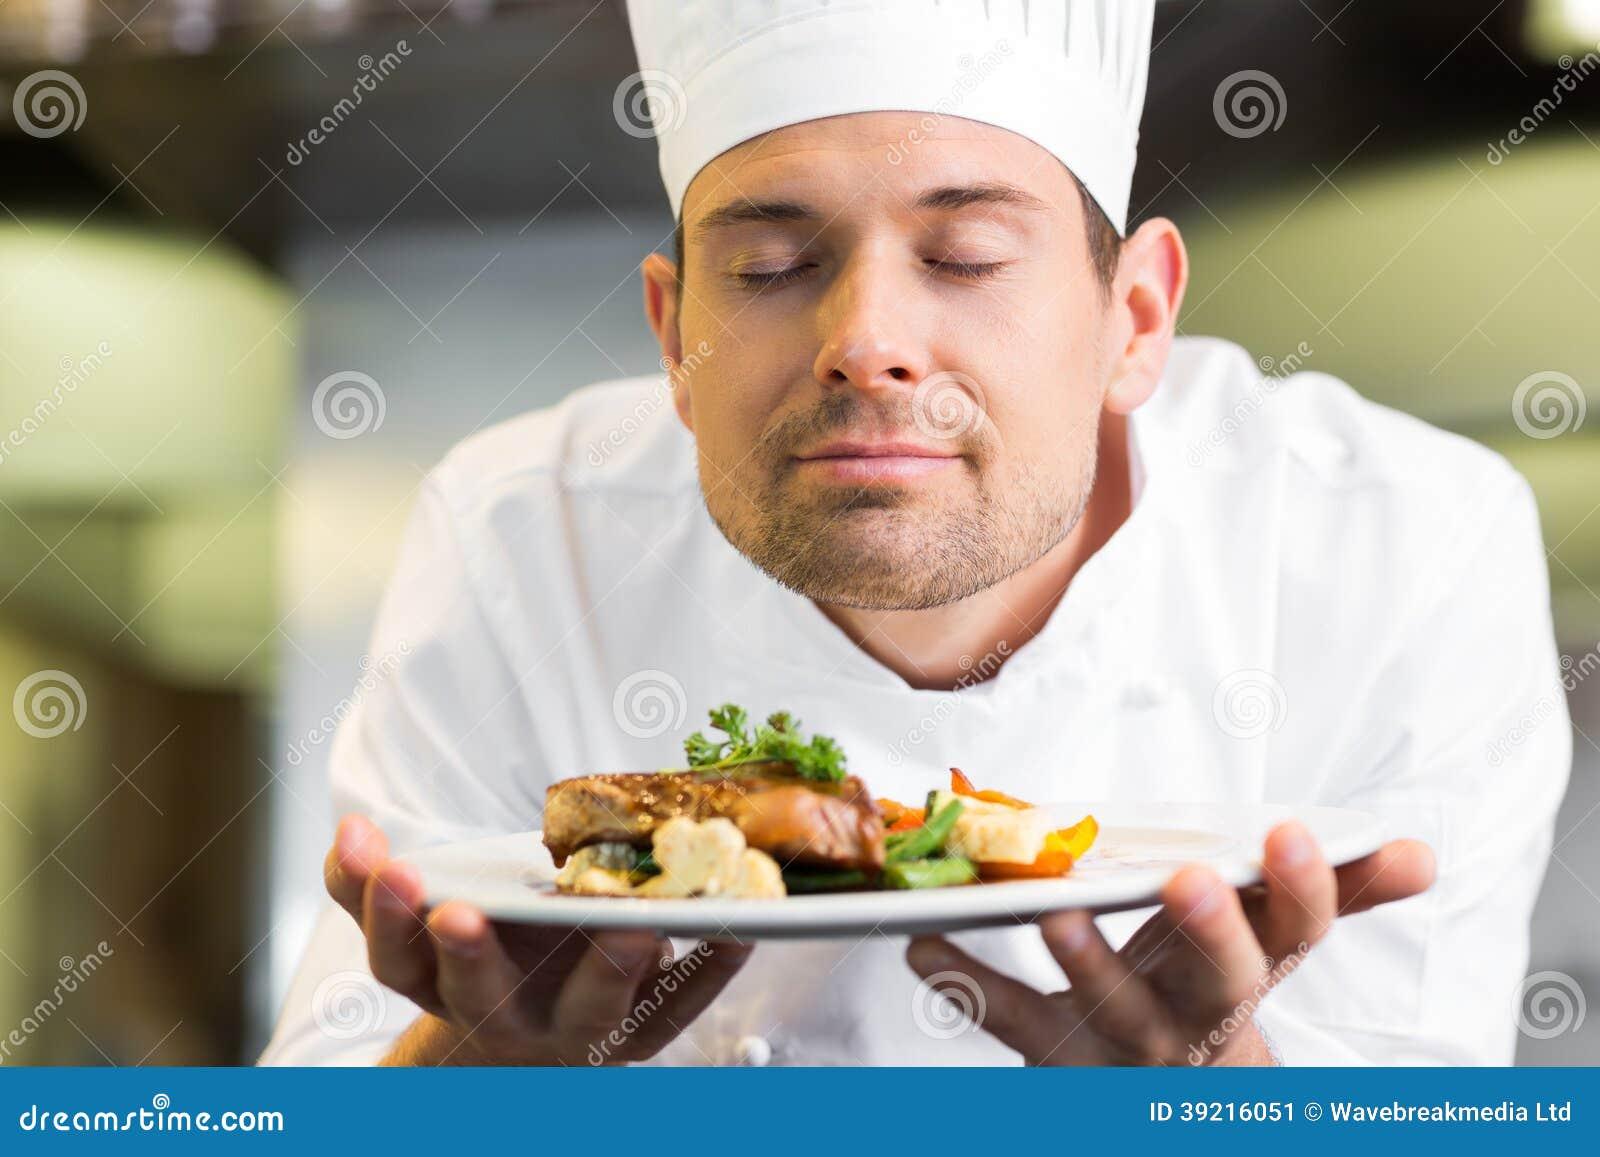 Κινηματογράφηση σε πρώτο πλάνο ενός αρχιμάγειρα με κλειστά τα μάτια μυρίζοντας τρόφιμα